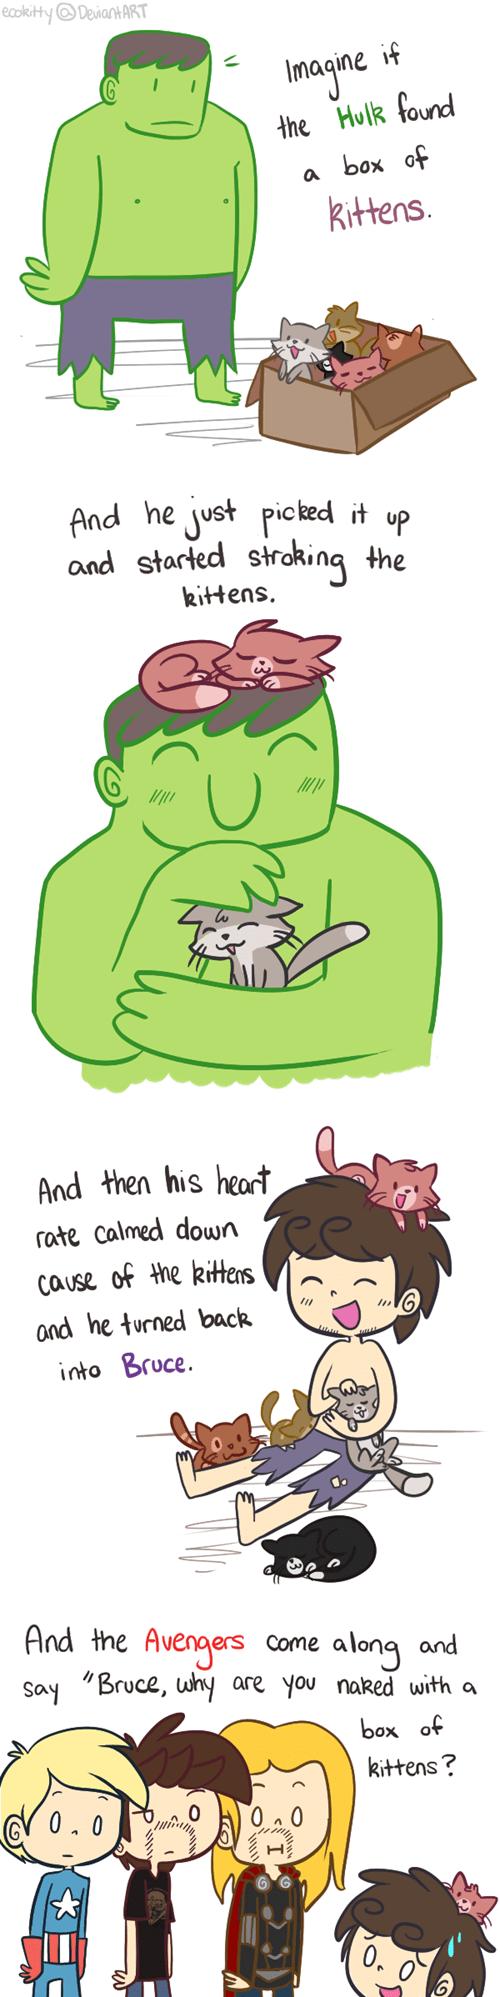 kitten hulk avengers - 8058221568